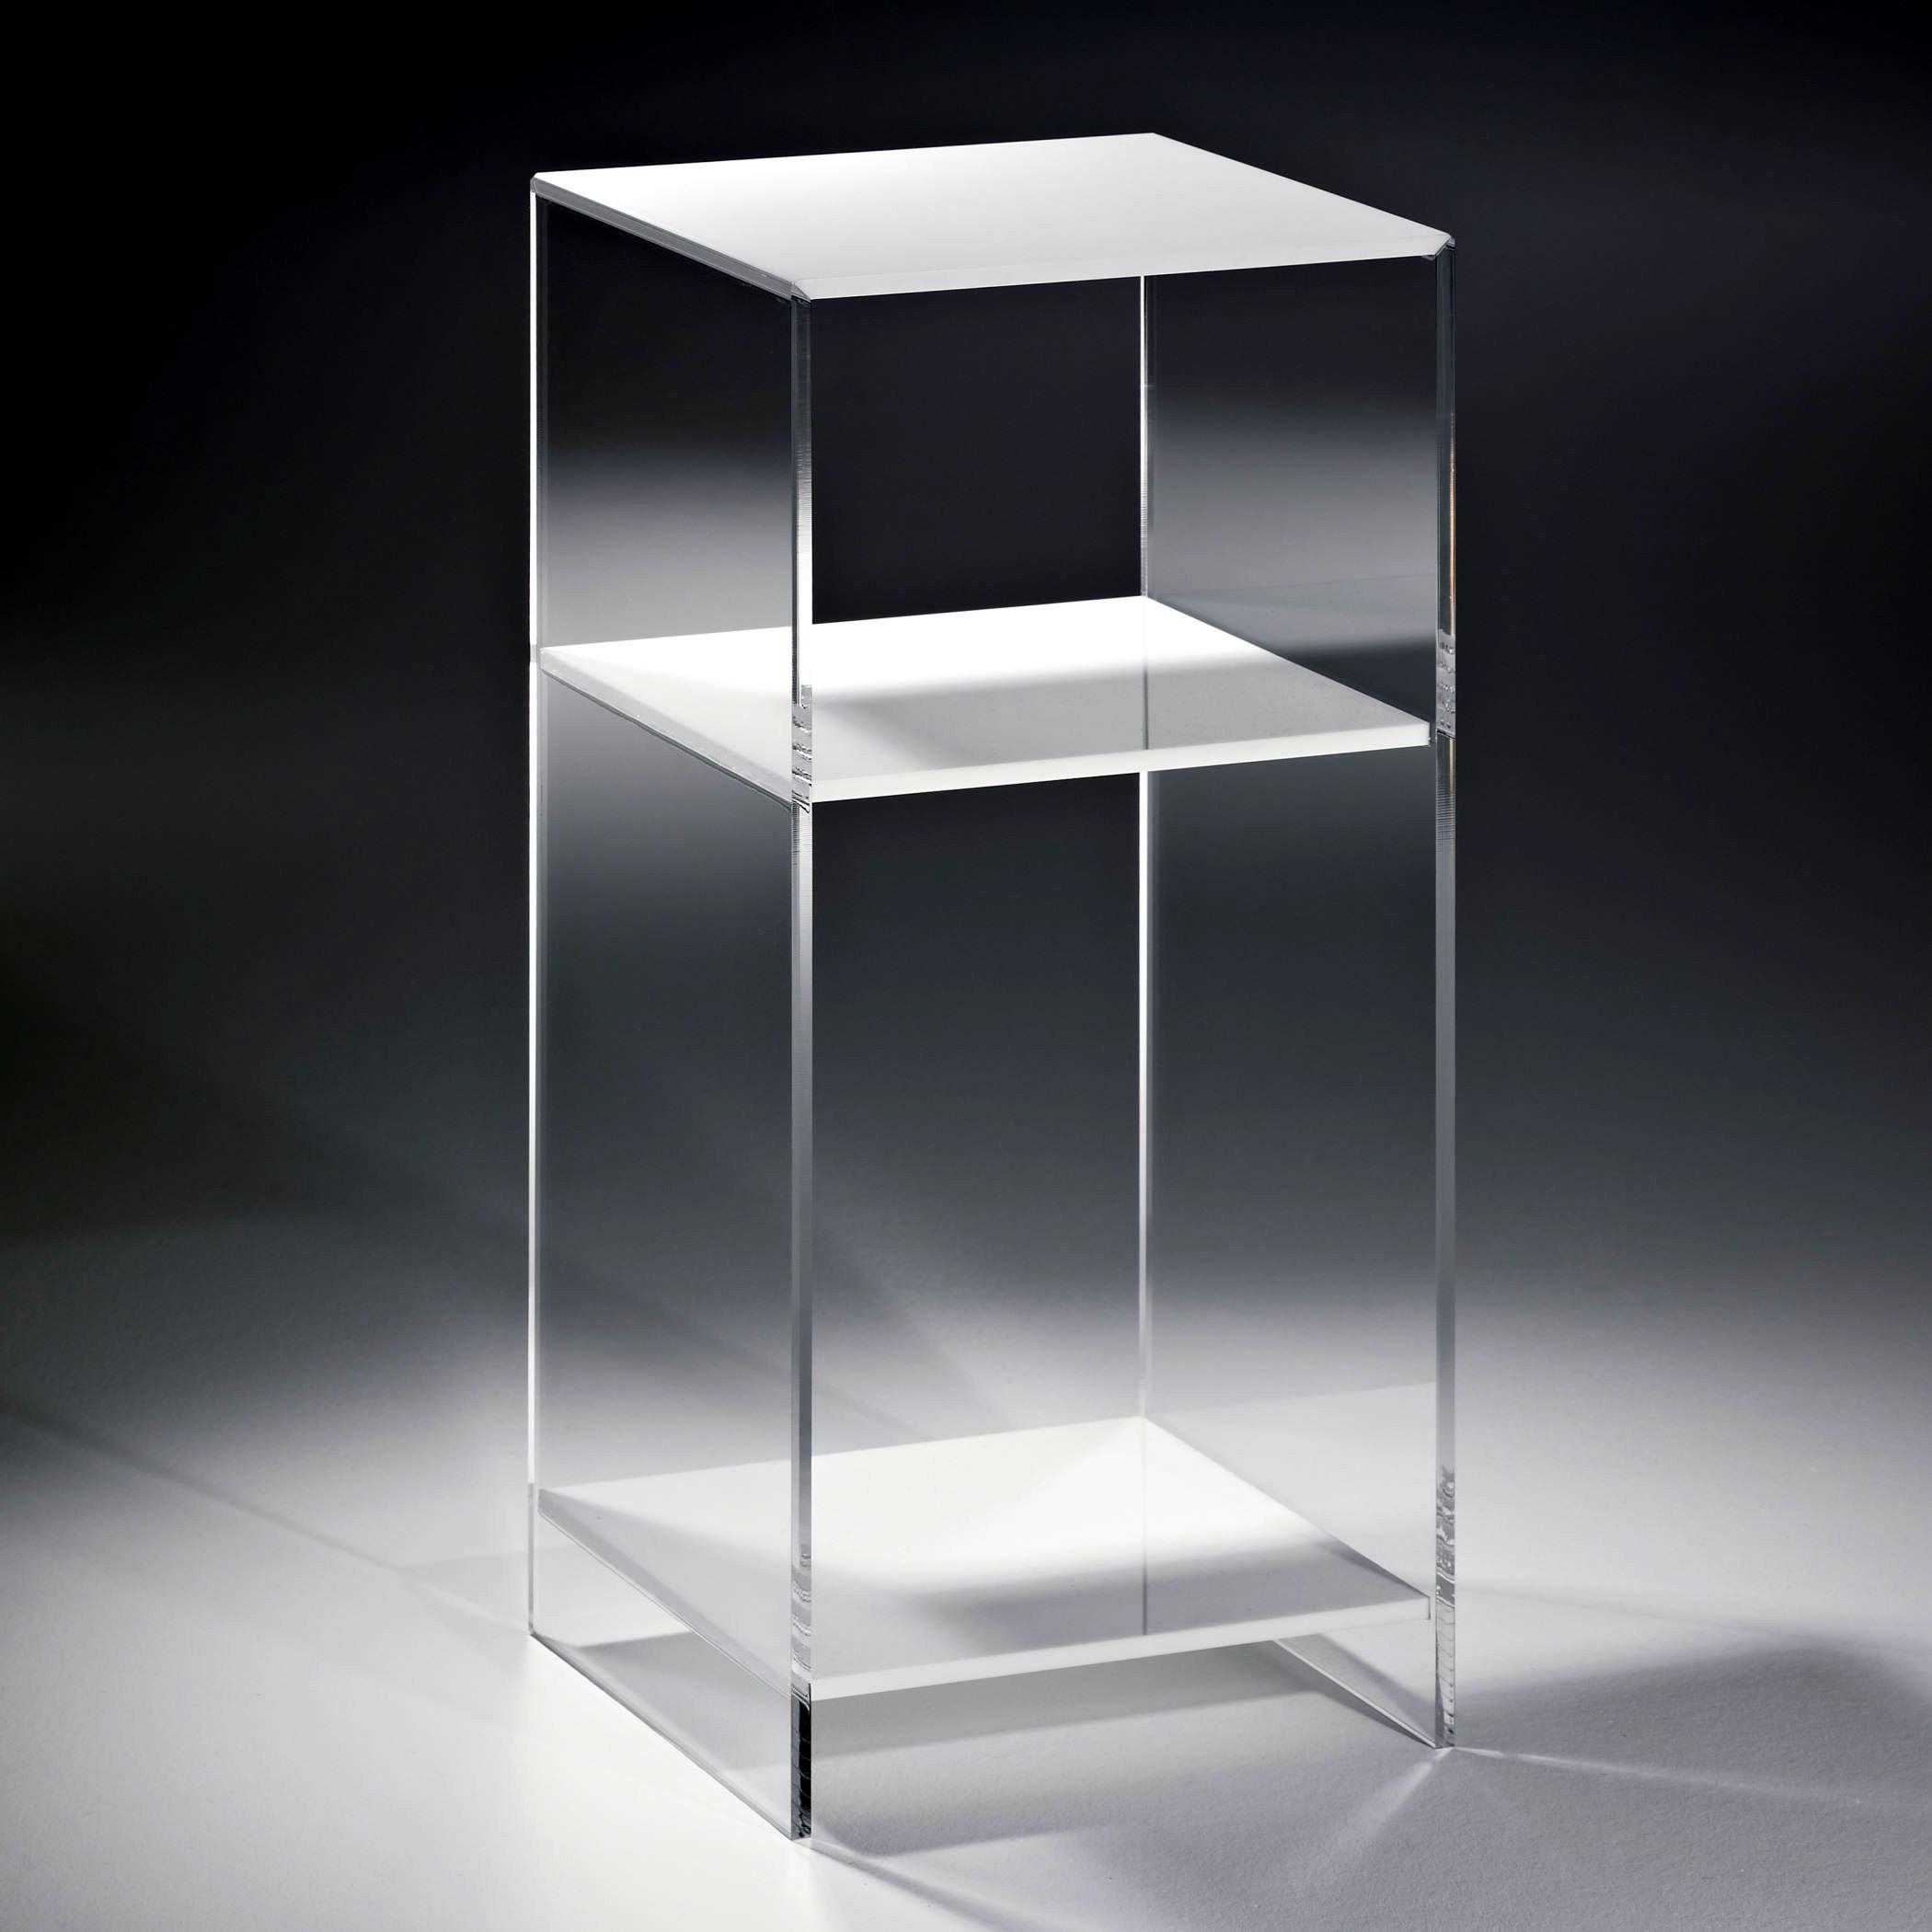 Hochwertiges acryl glas standregal konsole mit 2 f chern regalb den wei s - Console transparente design ...